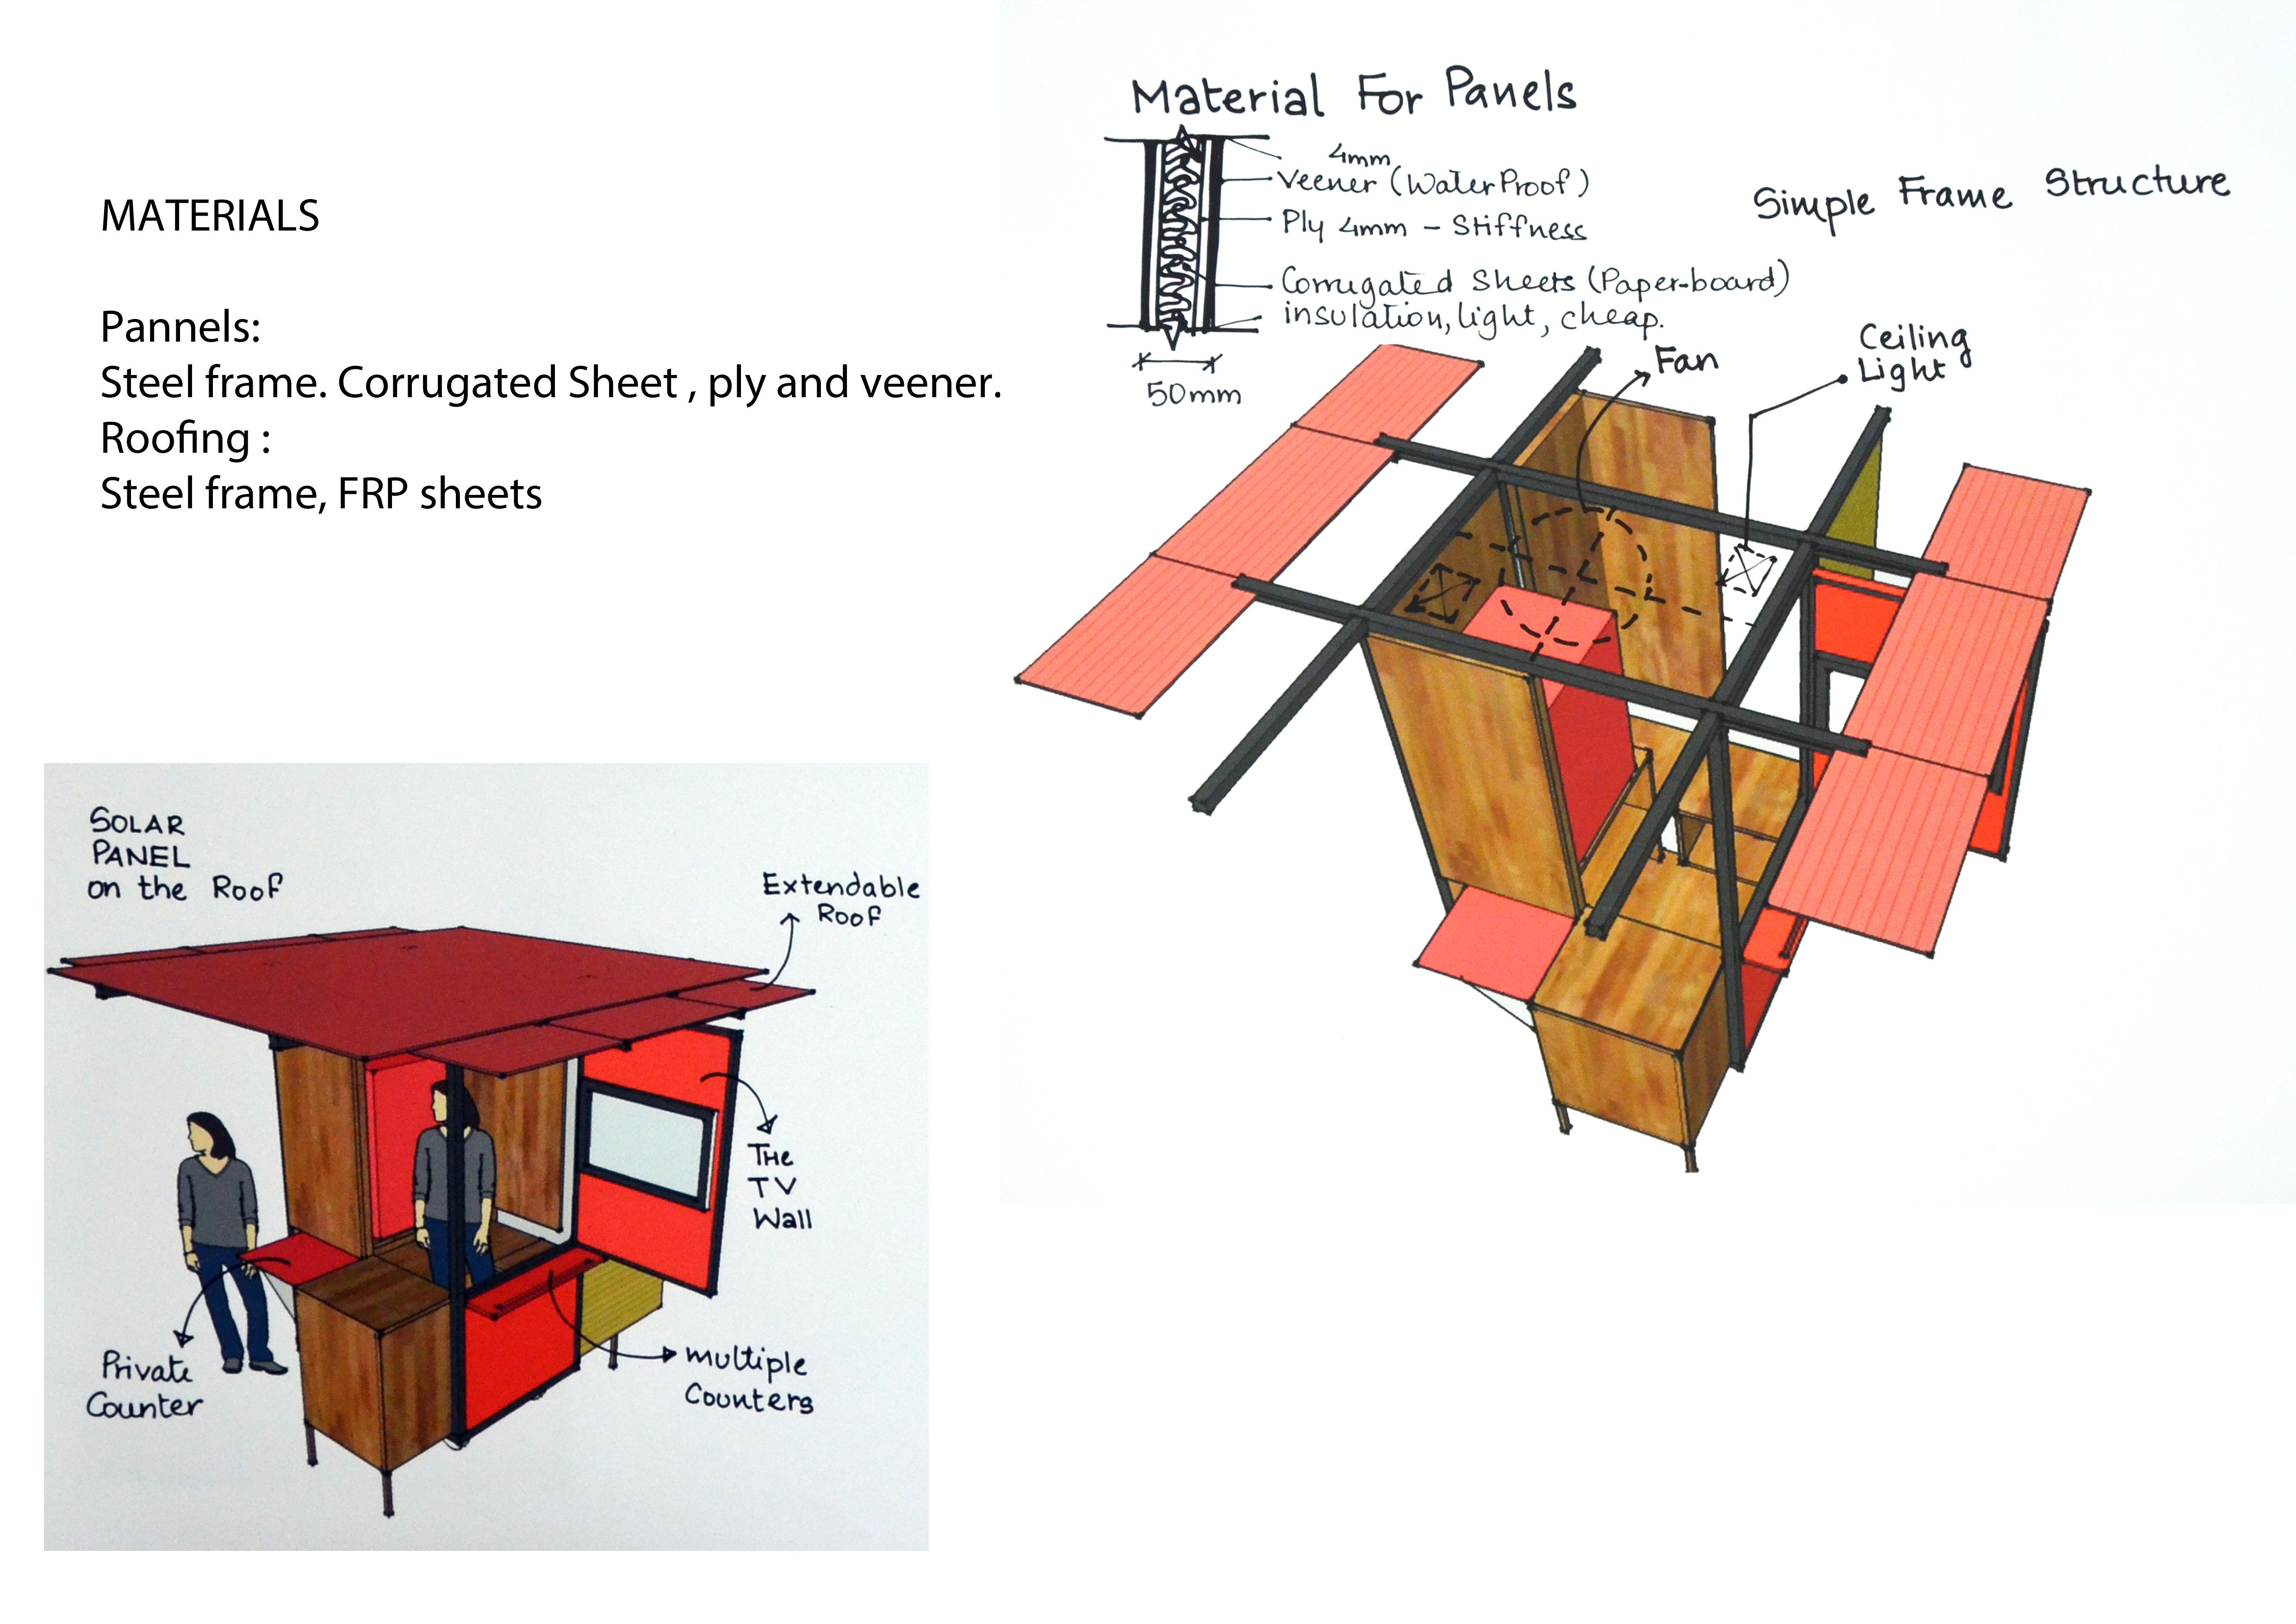 2.materials